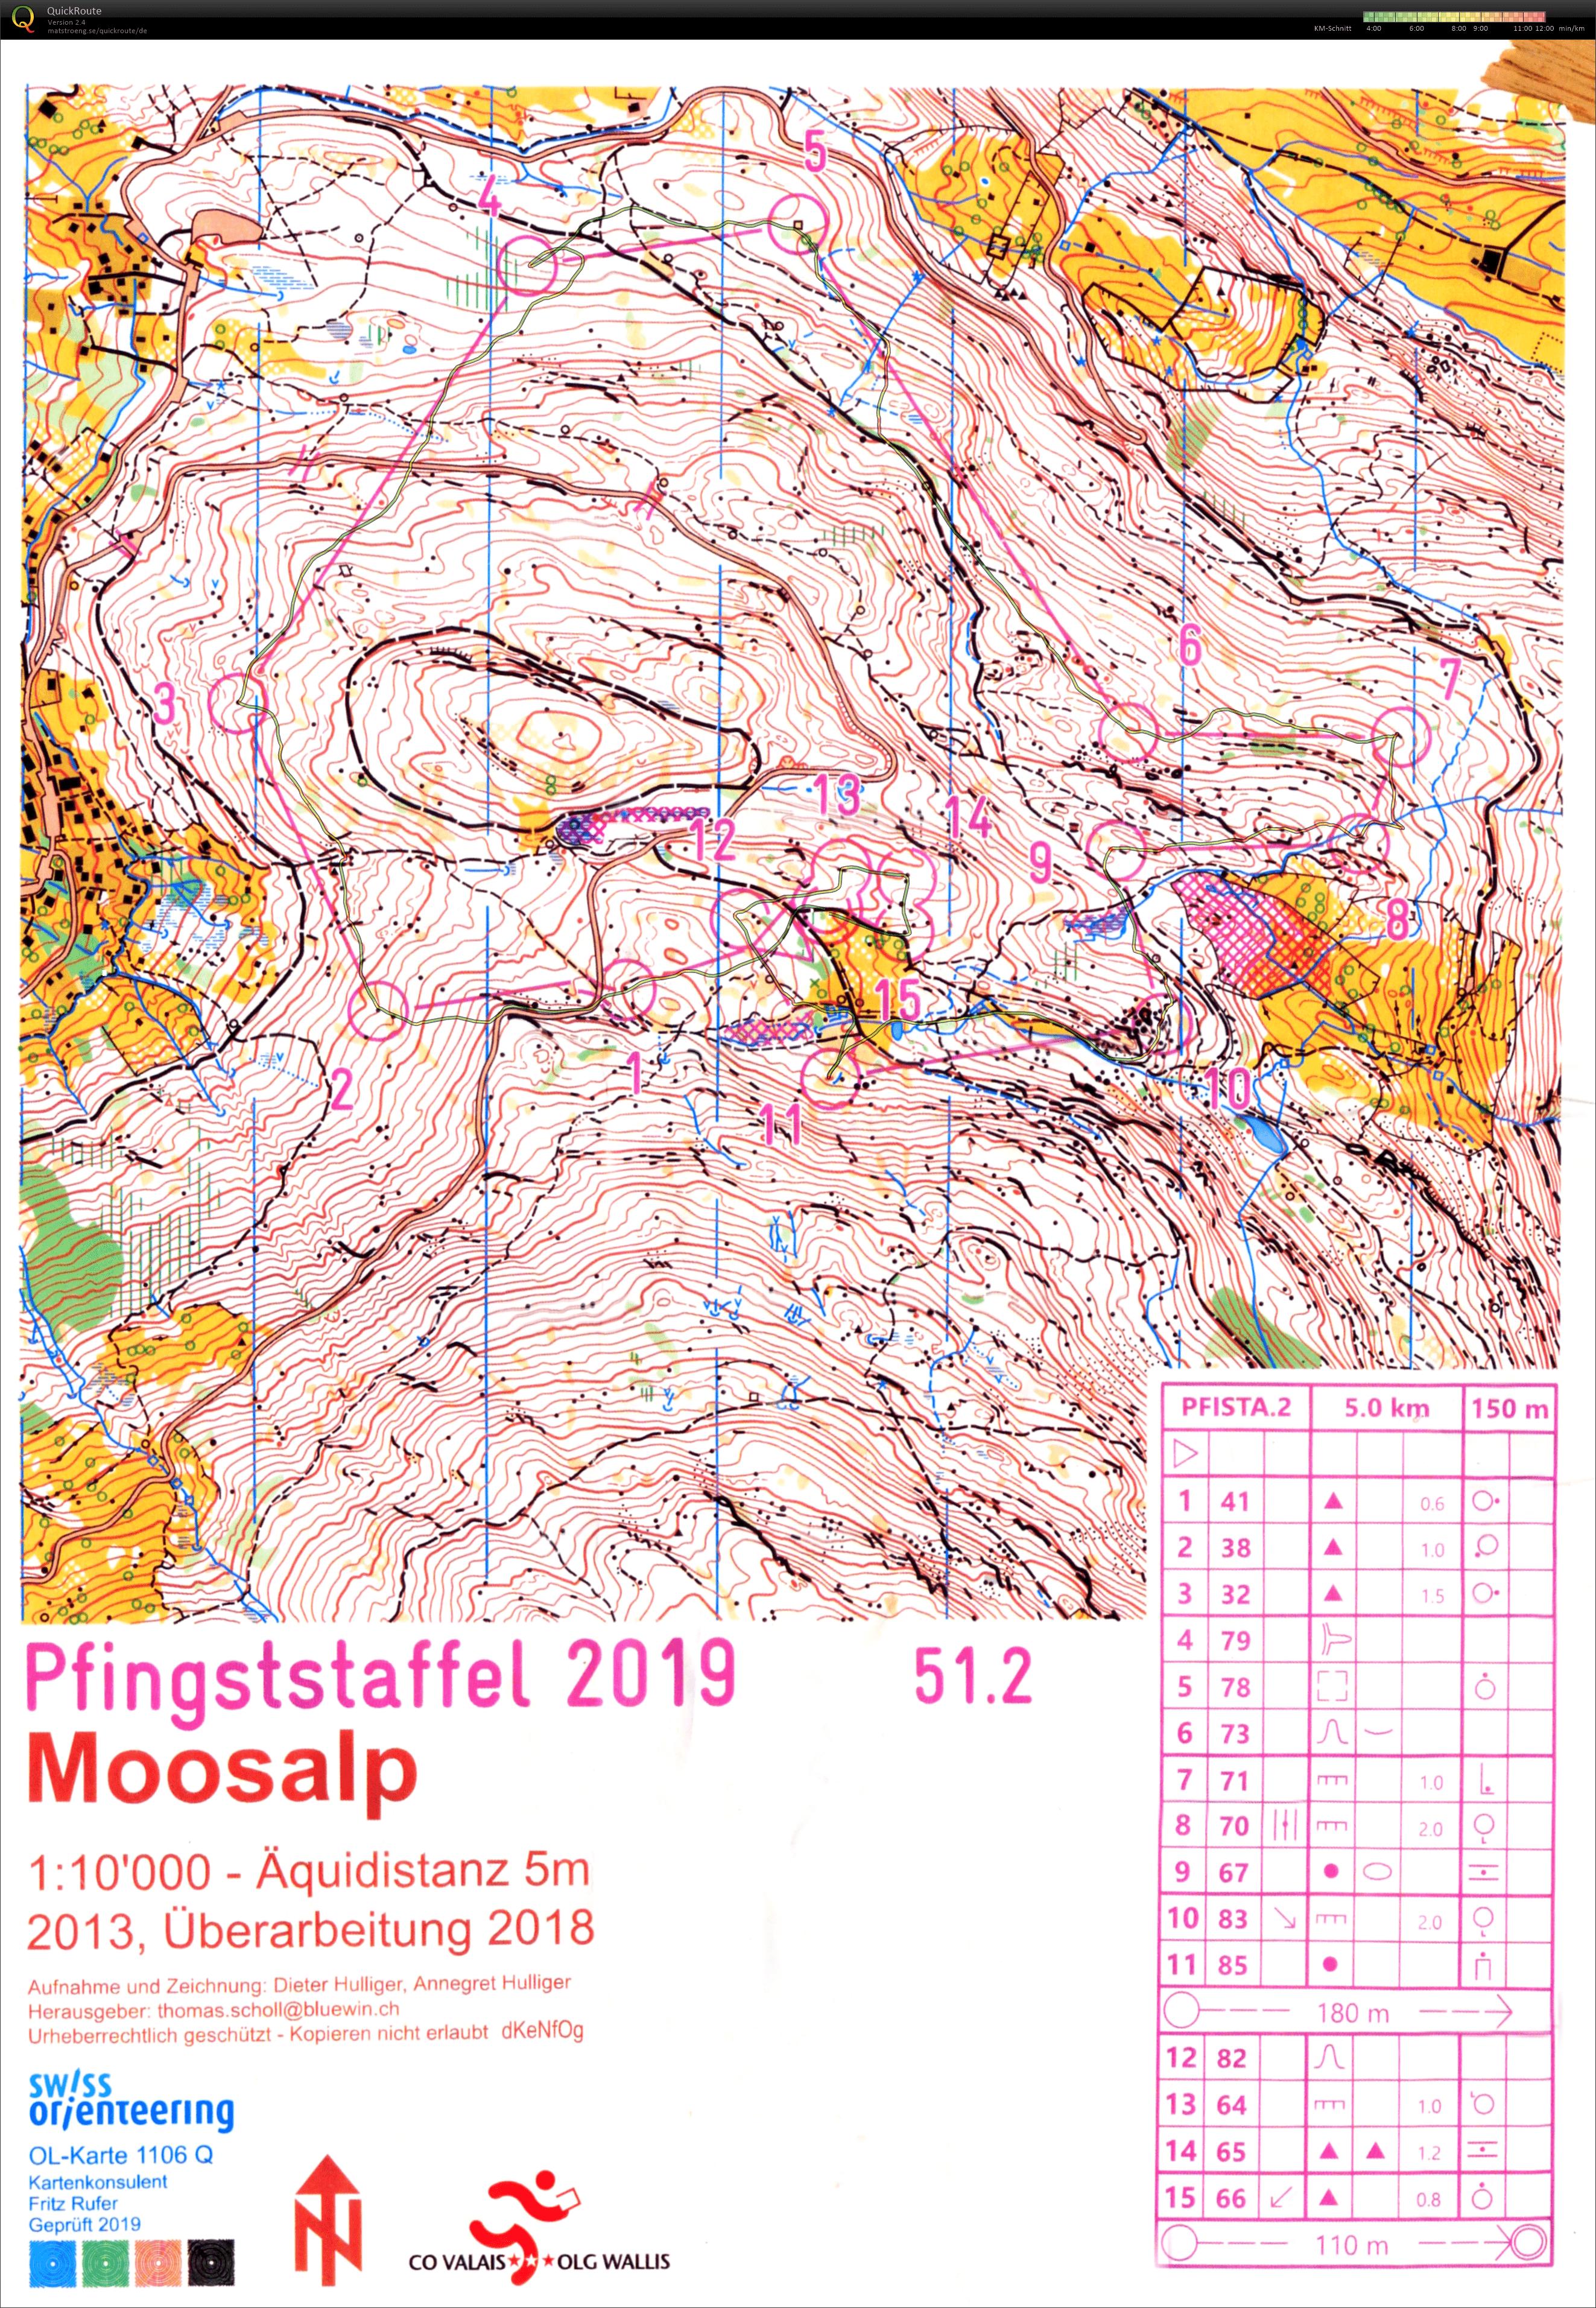 Pfingststaffel 2019 - Norska Führung nach 2 Strecken in der Nacht.